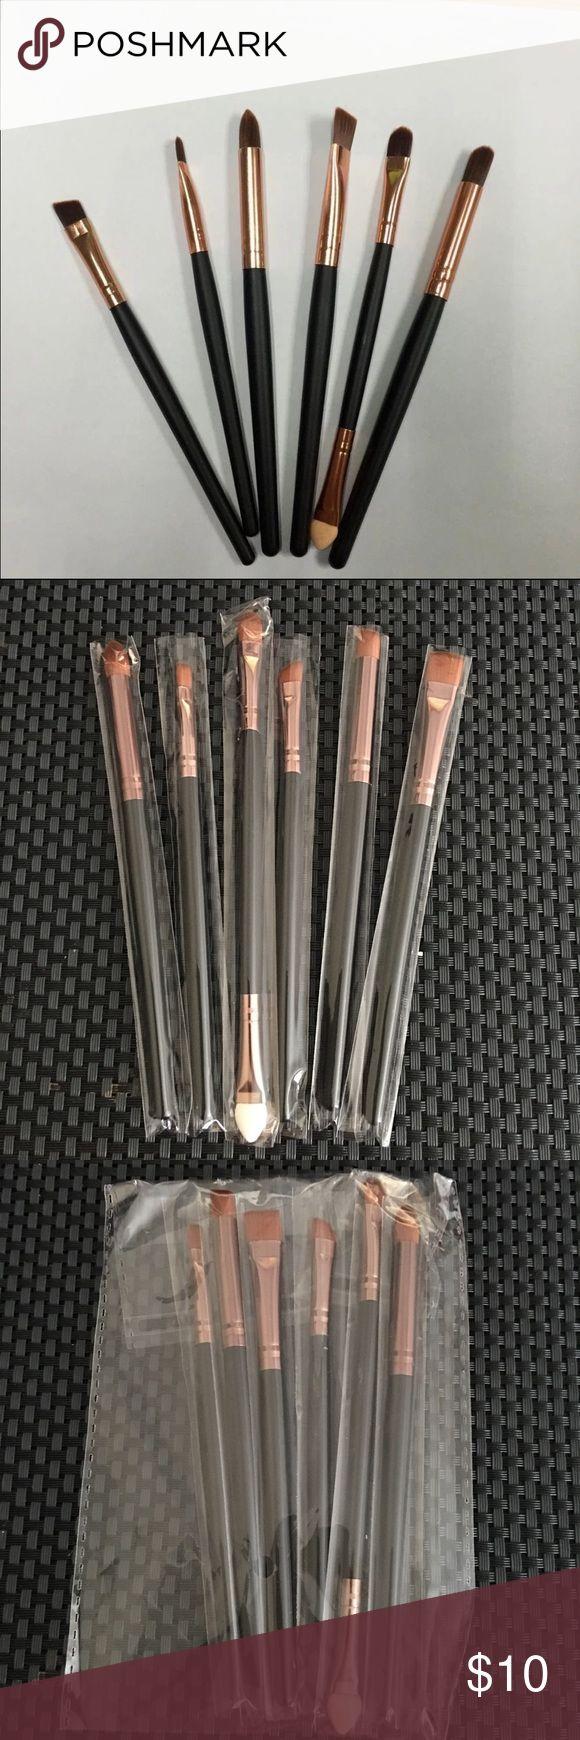 6 Pcs Makeup Brushes Set Brand new !! 6 Pcs makeup brushes cosmetic eye makeup brushes Makeup Brushes & Tools